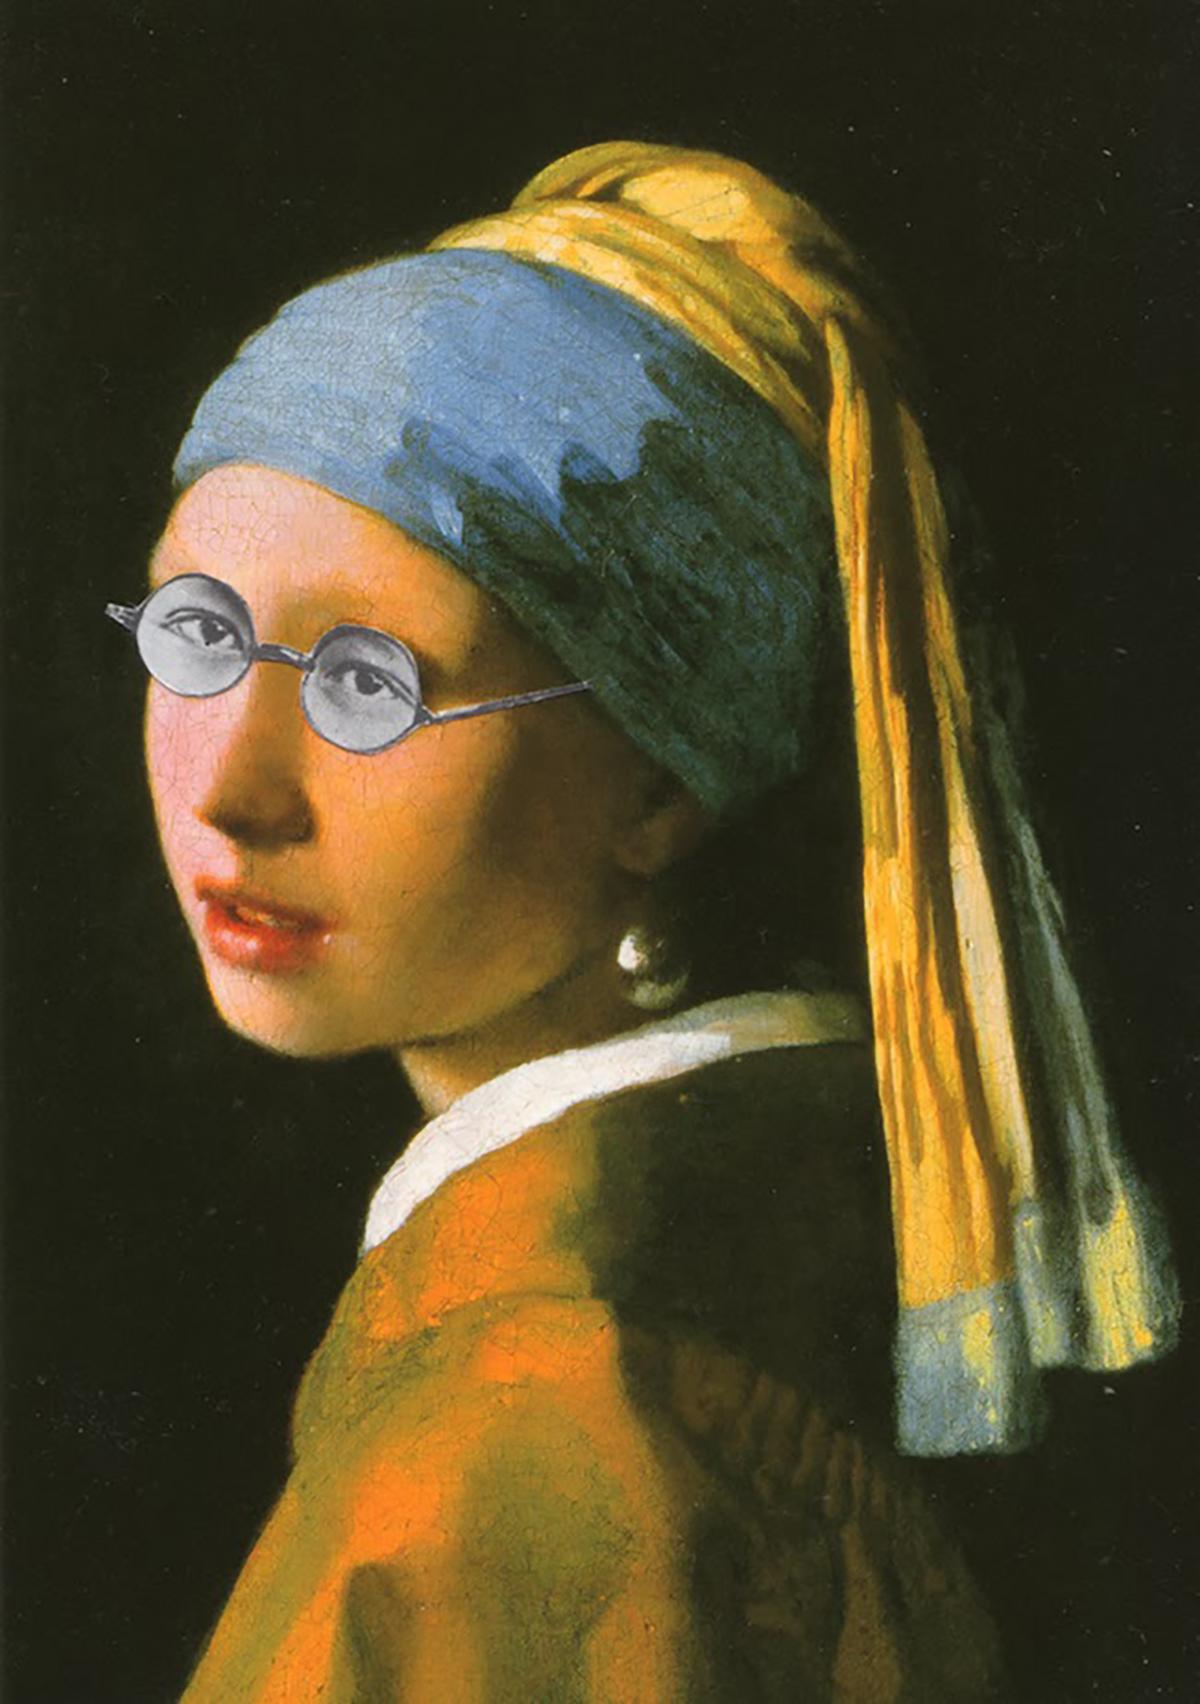 david-rybak-la-jeune-fille-aux-lunettes